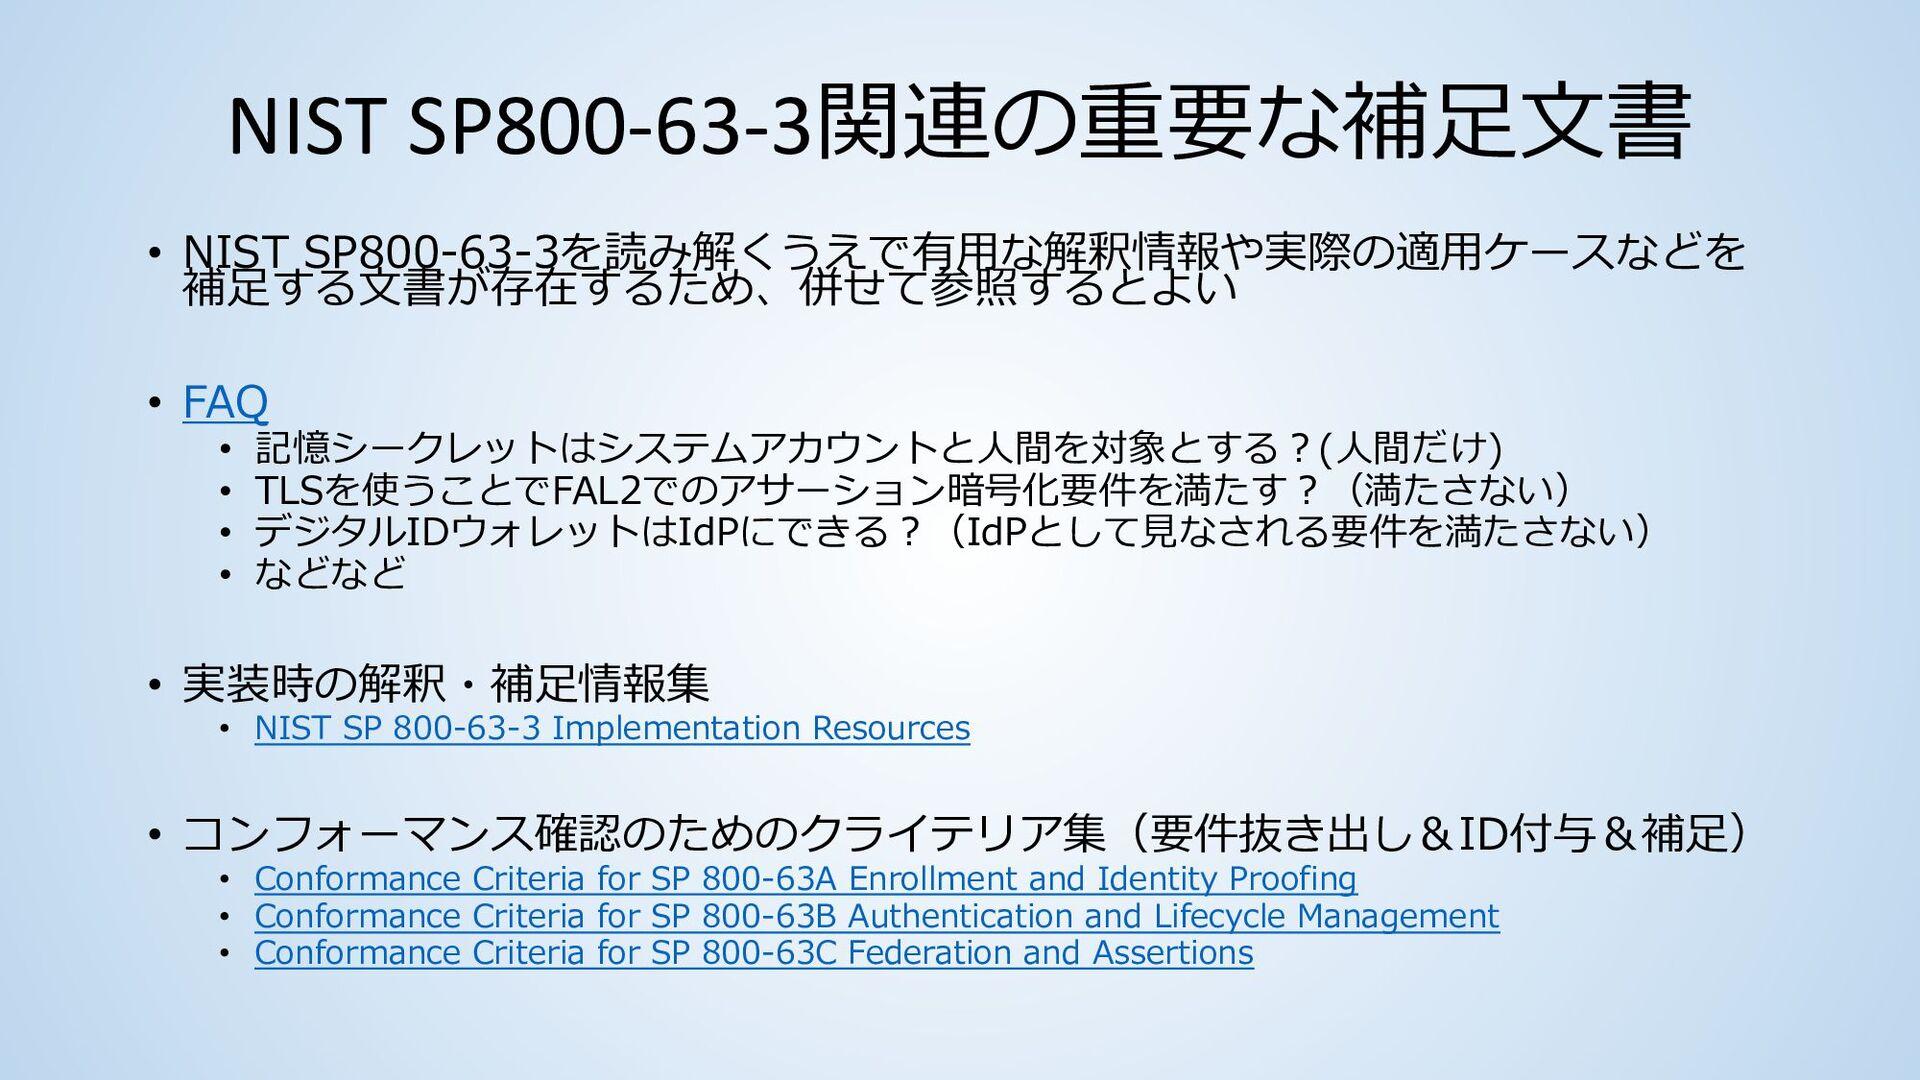 派生トピック:PCI DSS